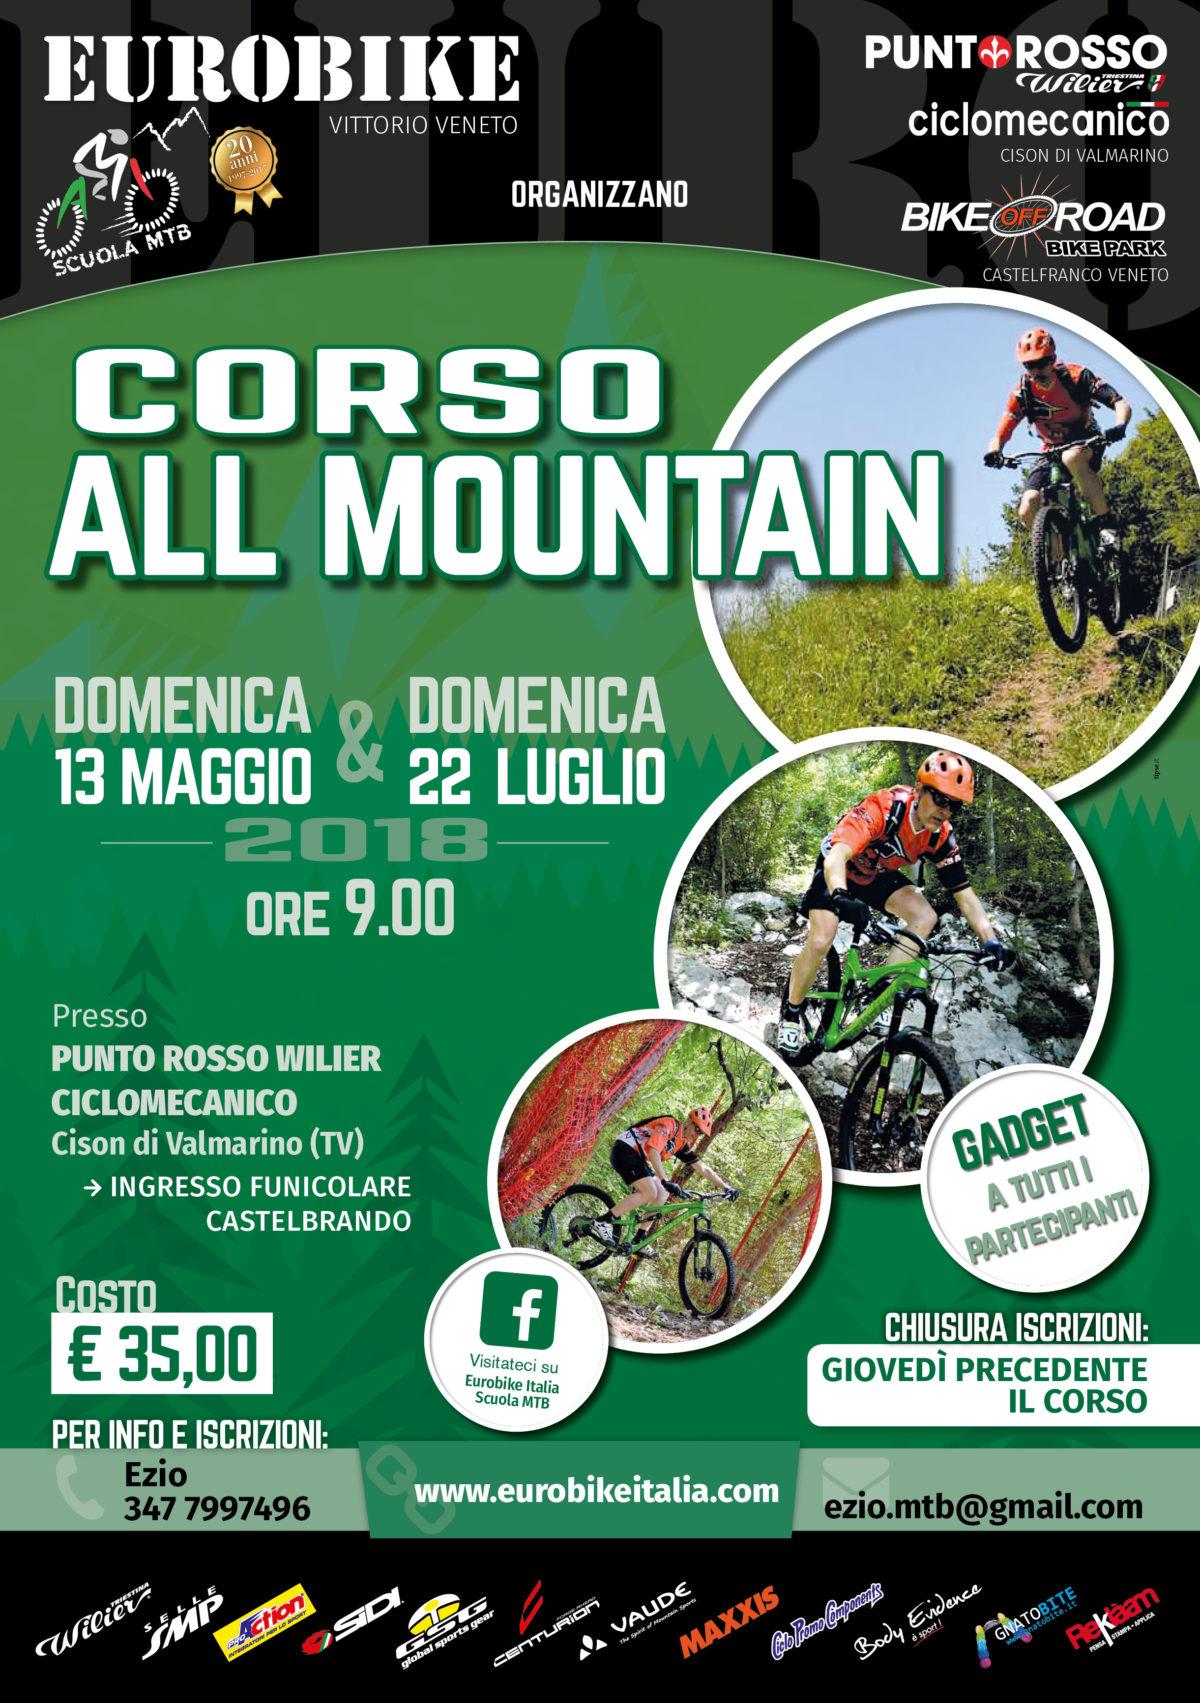 Corso All Mountain Cison di Valmarino